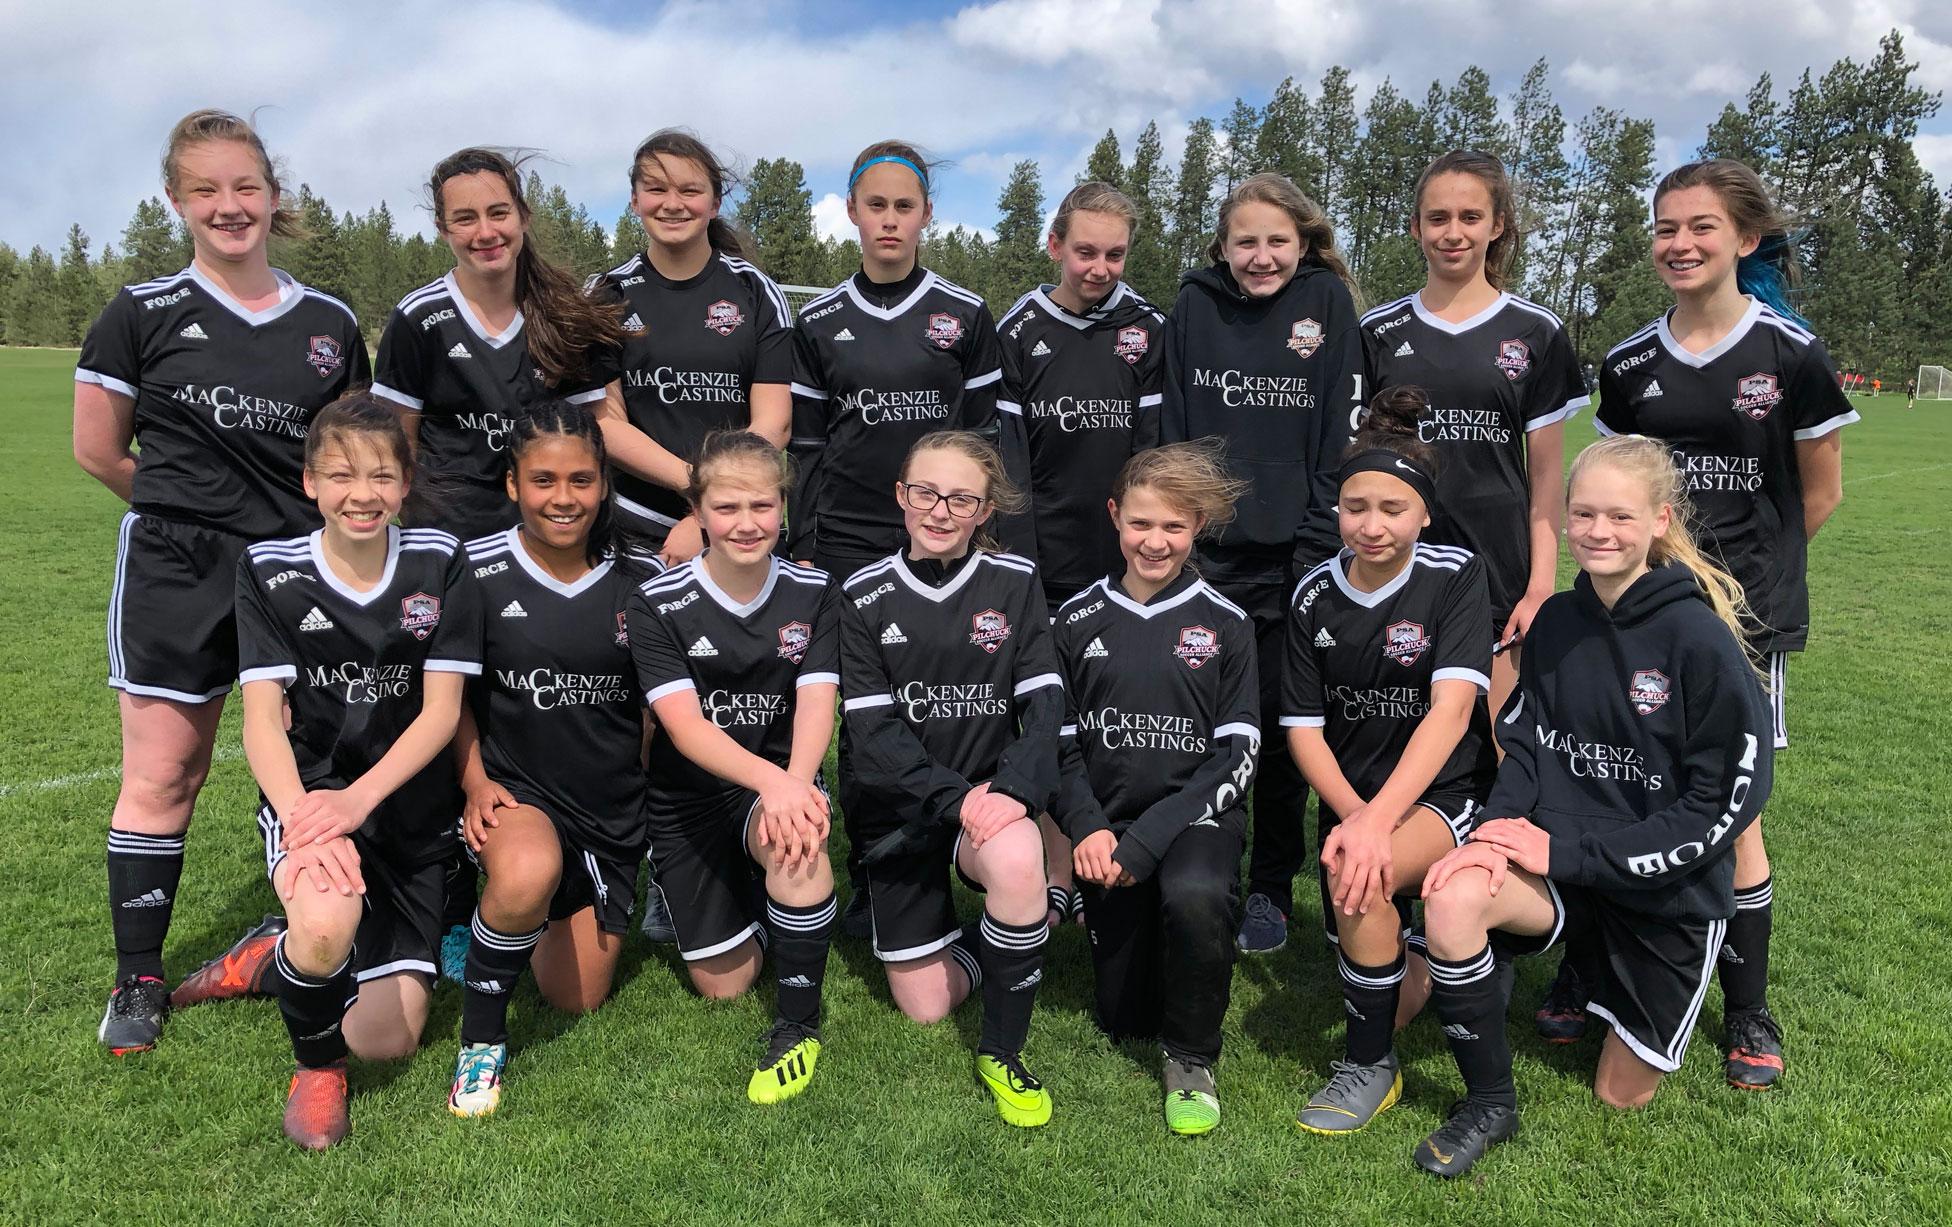 Pilchuck Soccer Alliance FORCE '06 Girls 2018/2019 Quarterfinal Match at Spokane Sounders